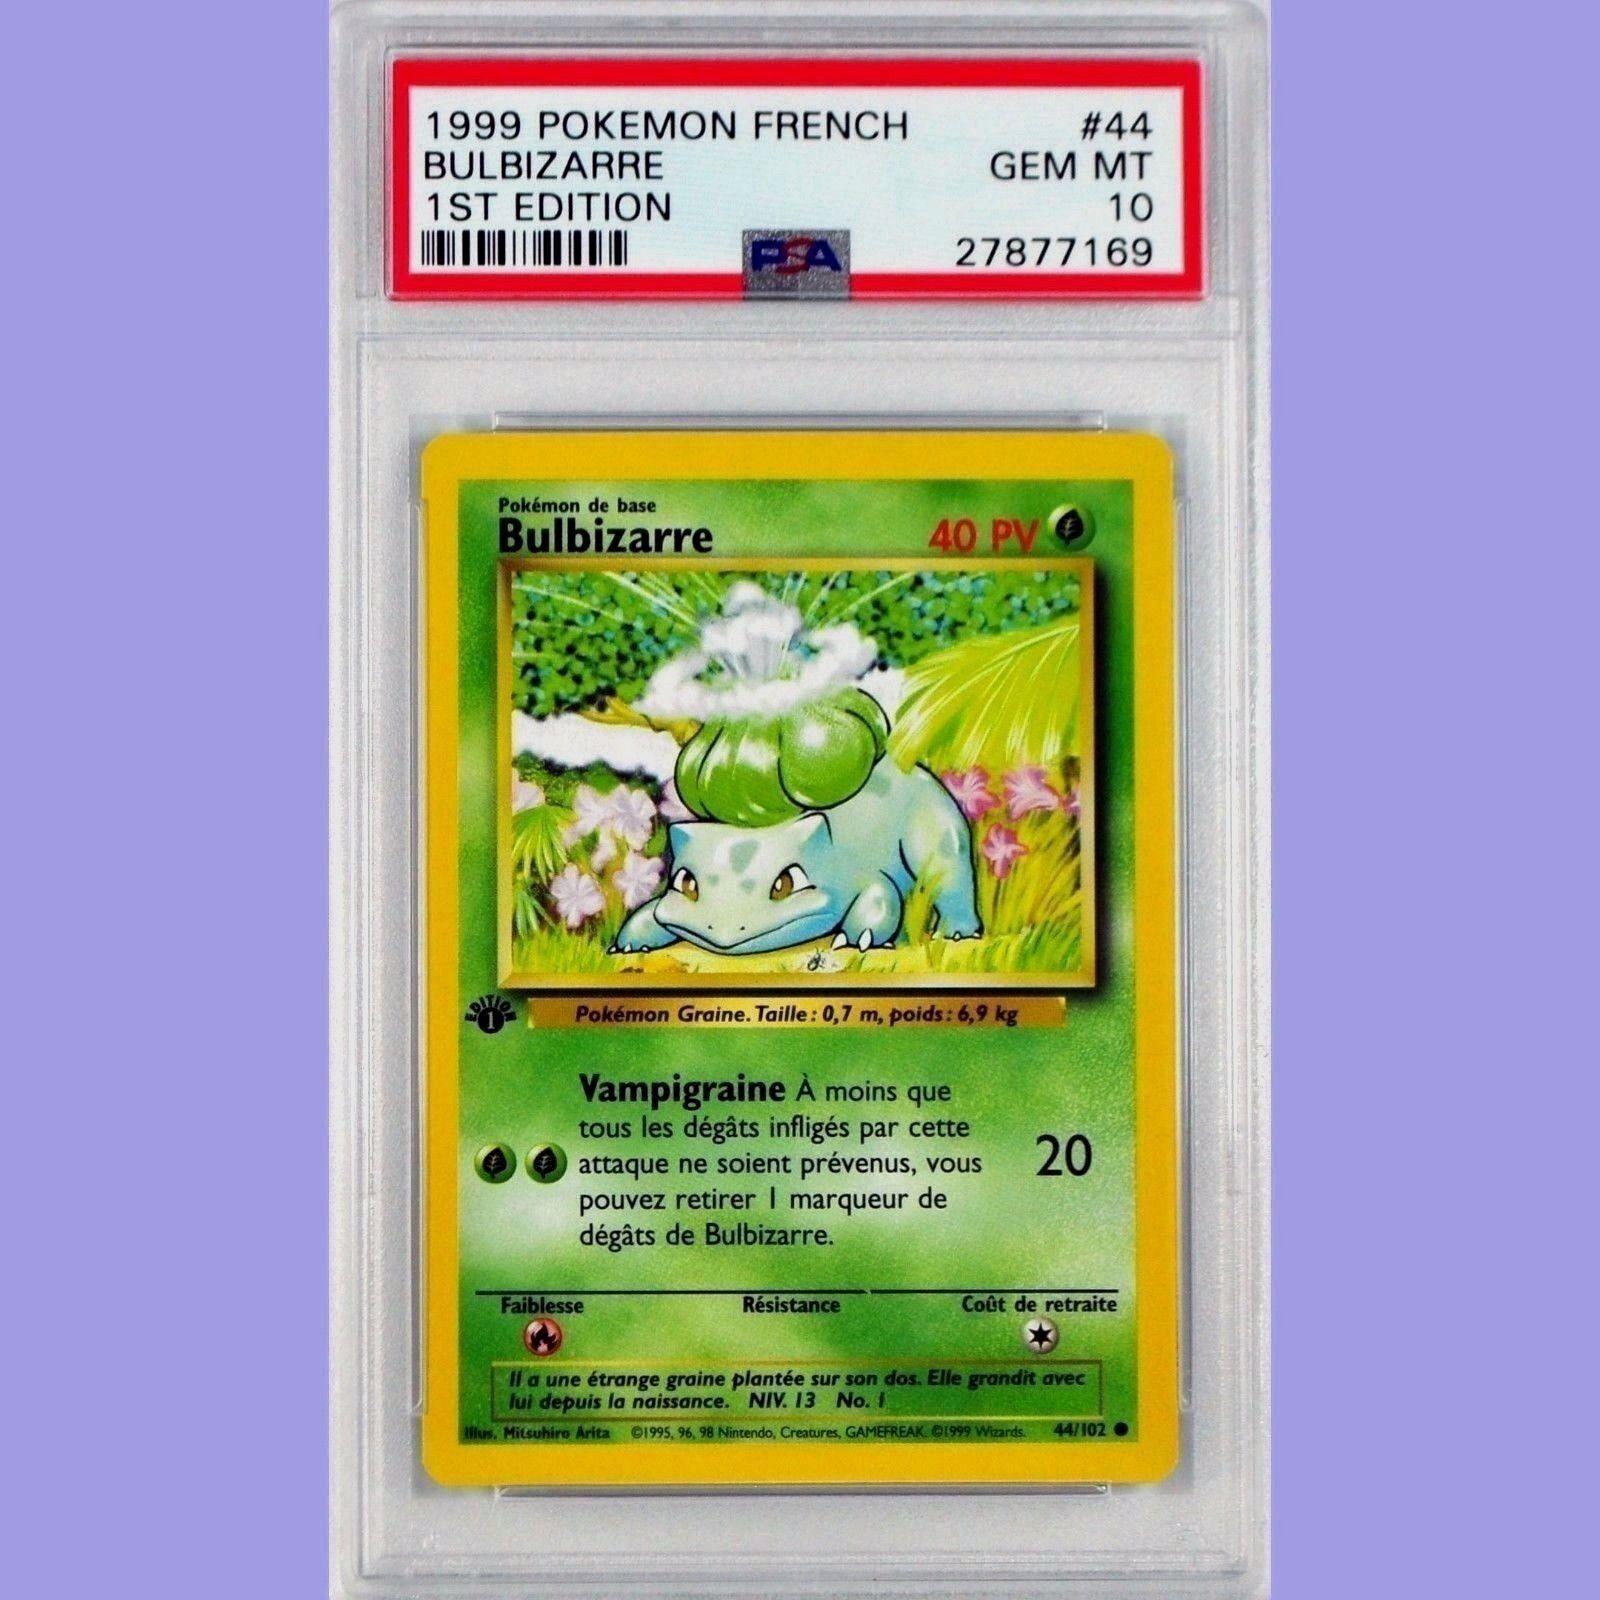 Pokemon, 1. ausgabe bulbasaur (bulbizarre) 44   102 französischer basisbeschreibung psa 10 gem minze